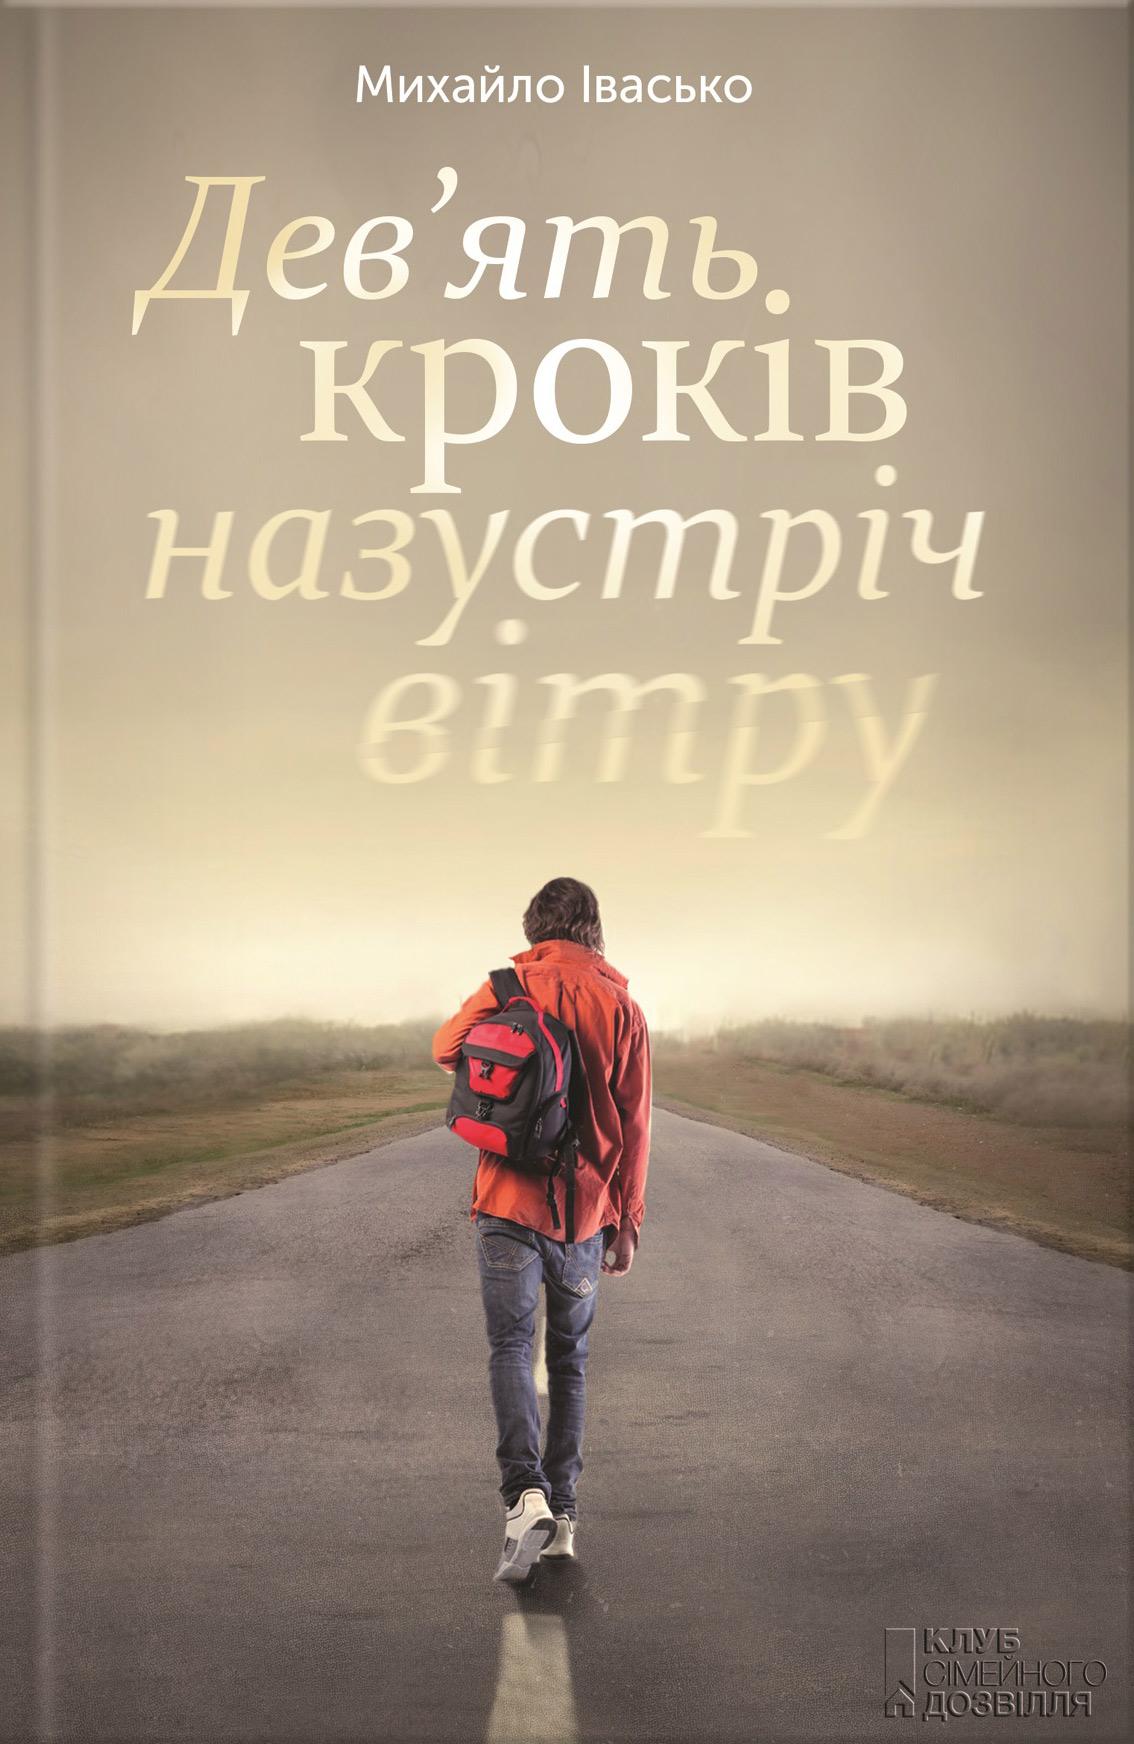 Фото - Михайло Івасько Дев'ять кроків назустріч вітру михайло івасько дев'ять кроків назустріч вітру